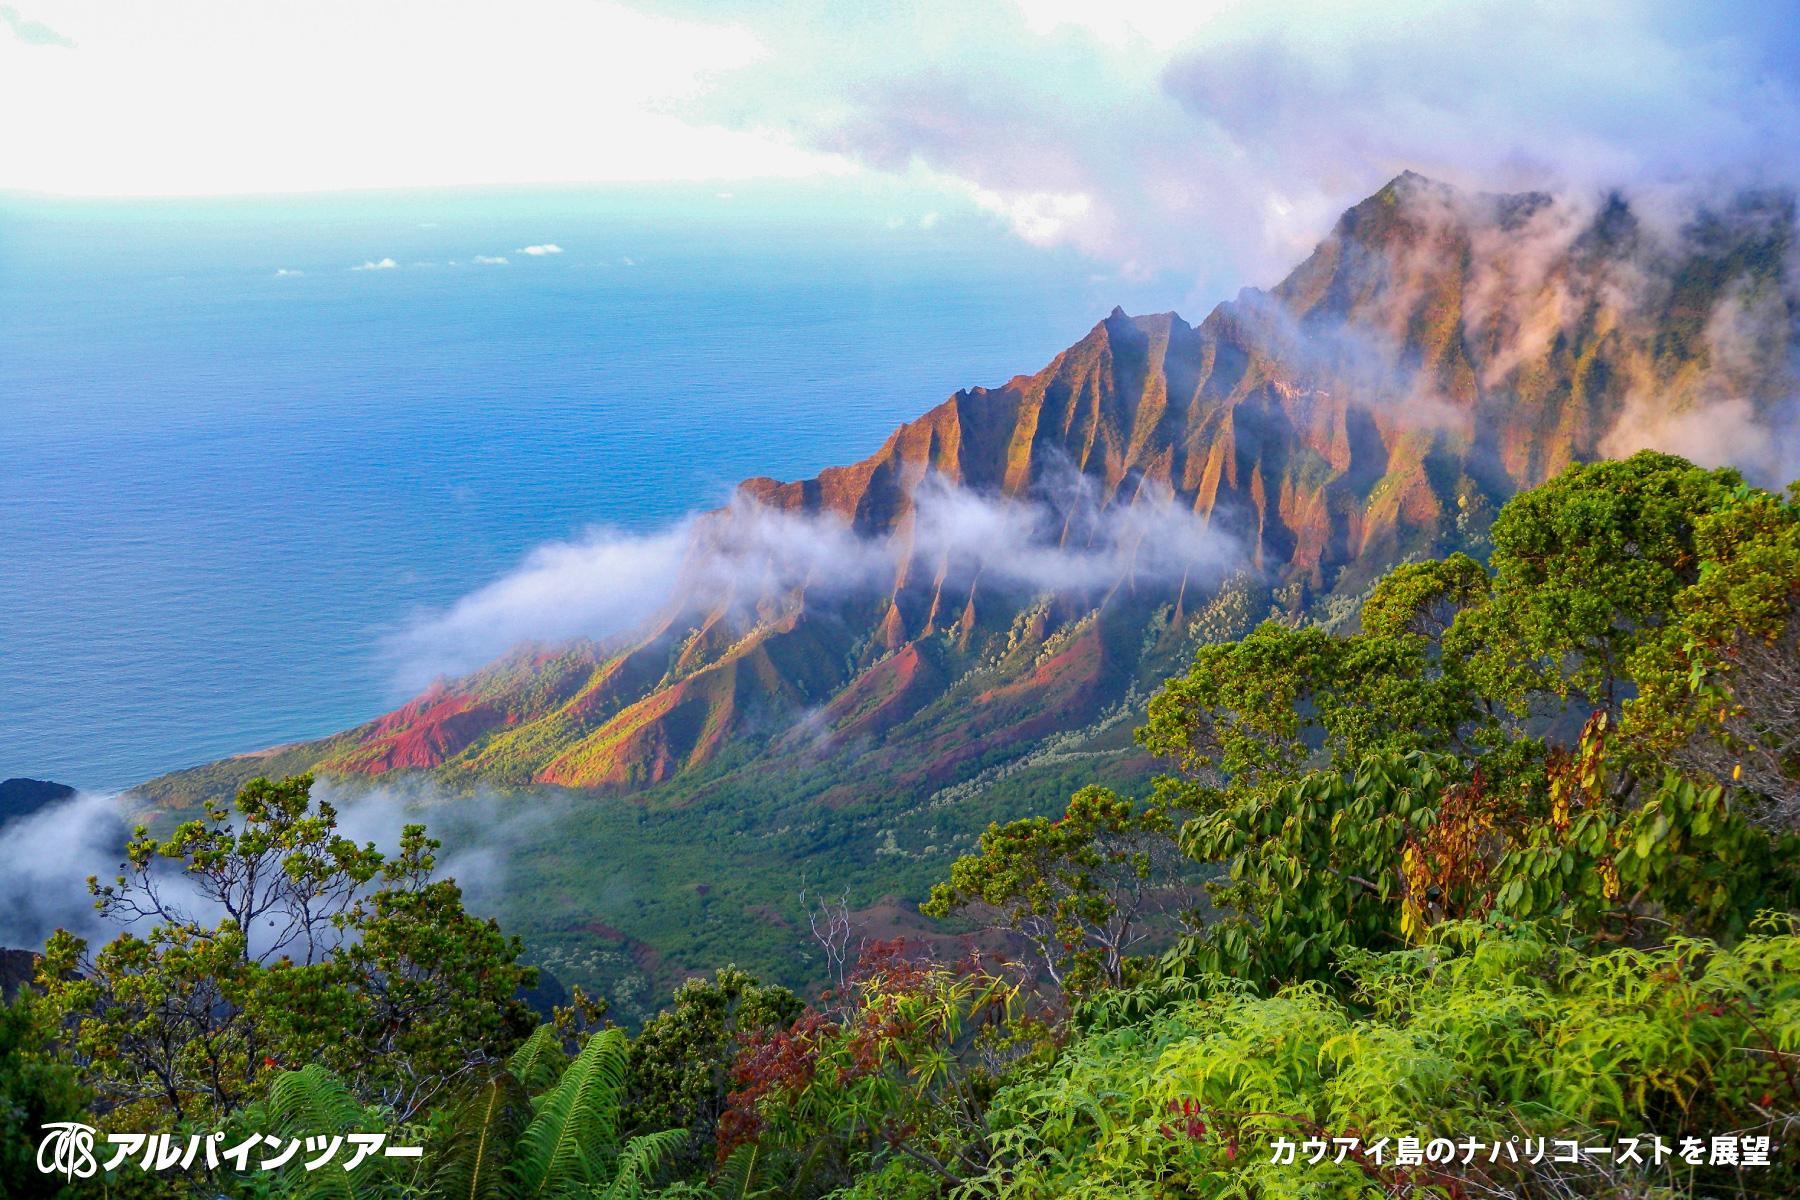 【エリア紹介】 自然の宝庫・ハワイ諸島